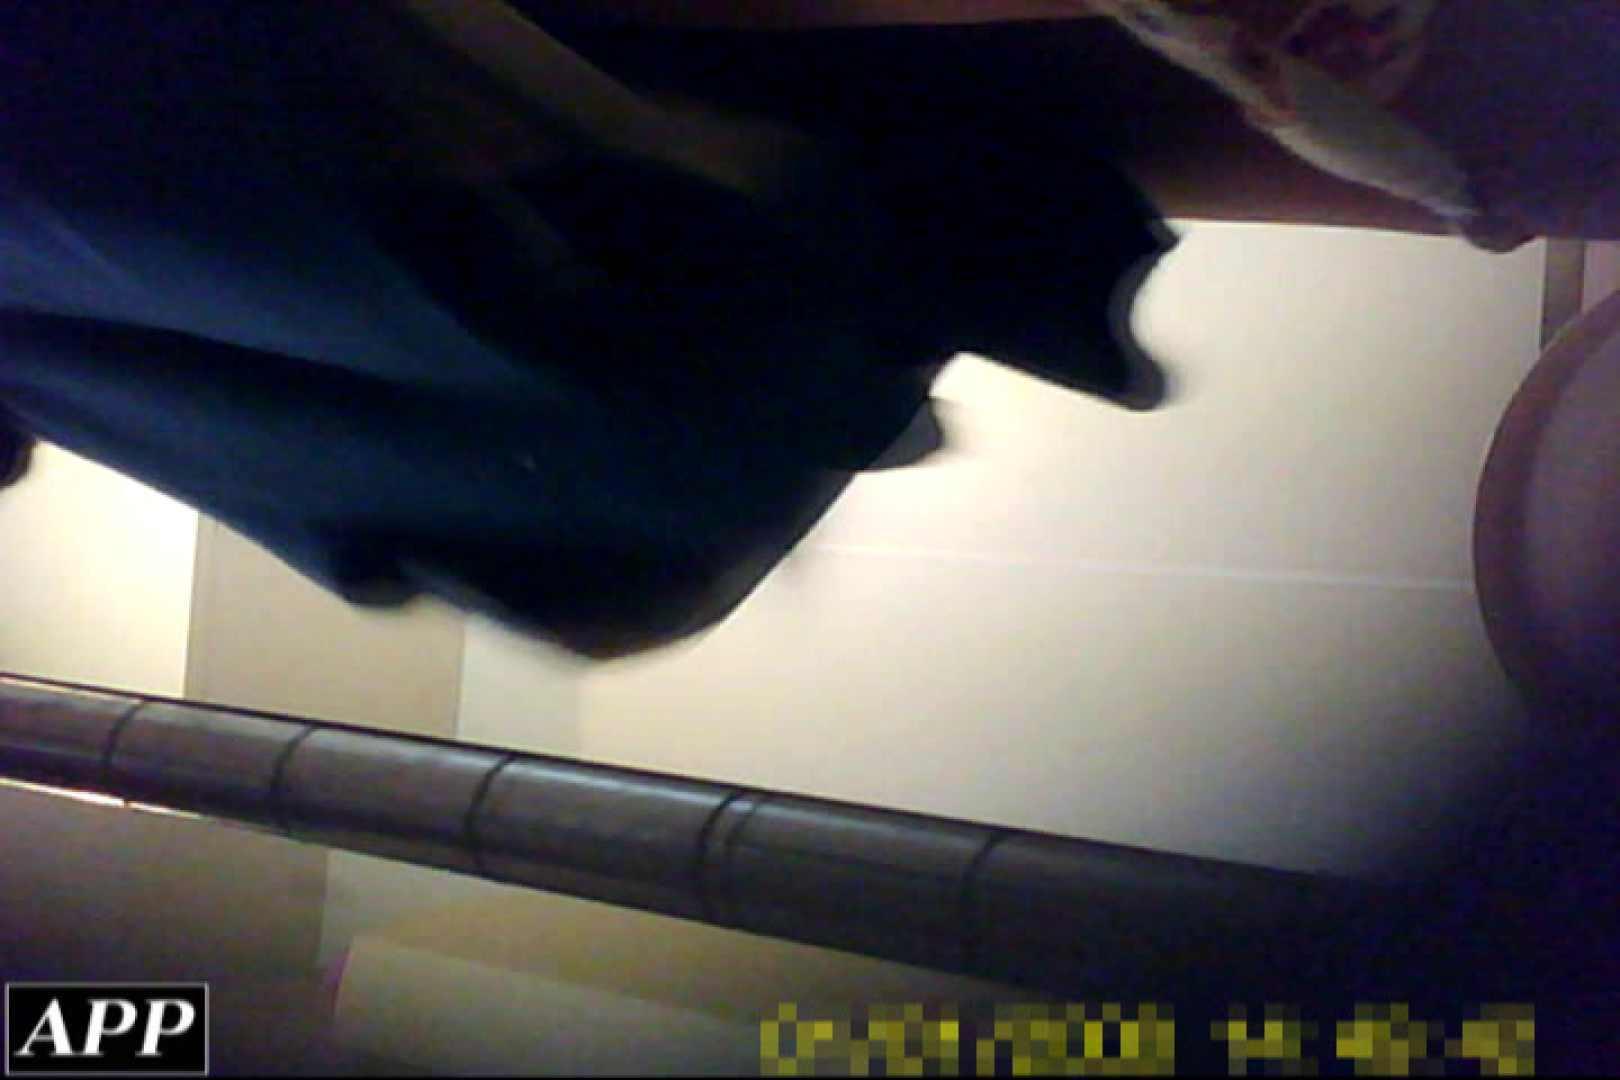 3視点洗面所 vol.105 肛門流出 AV無料動画キャプチャ 88連発 41